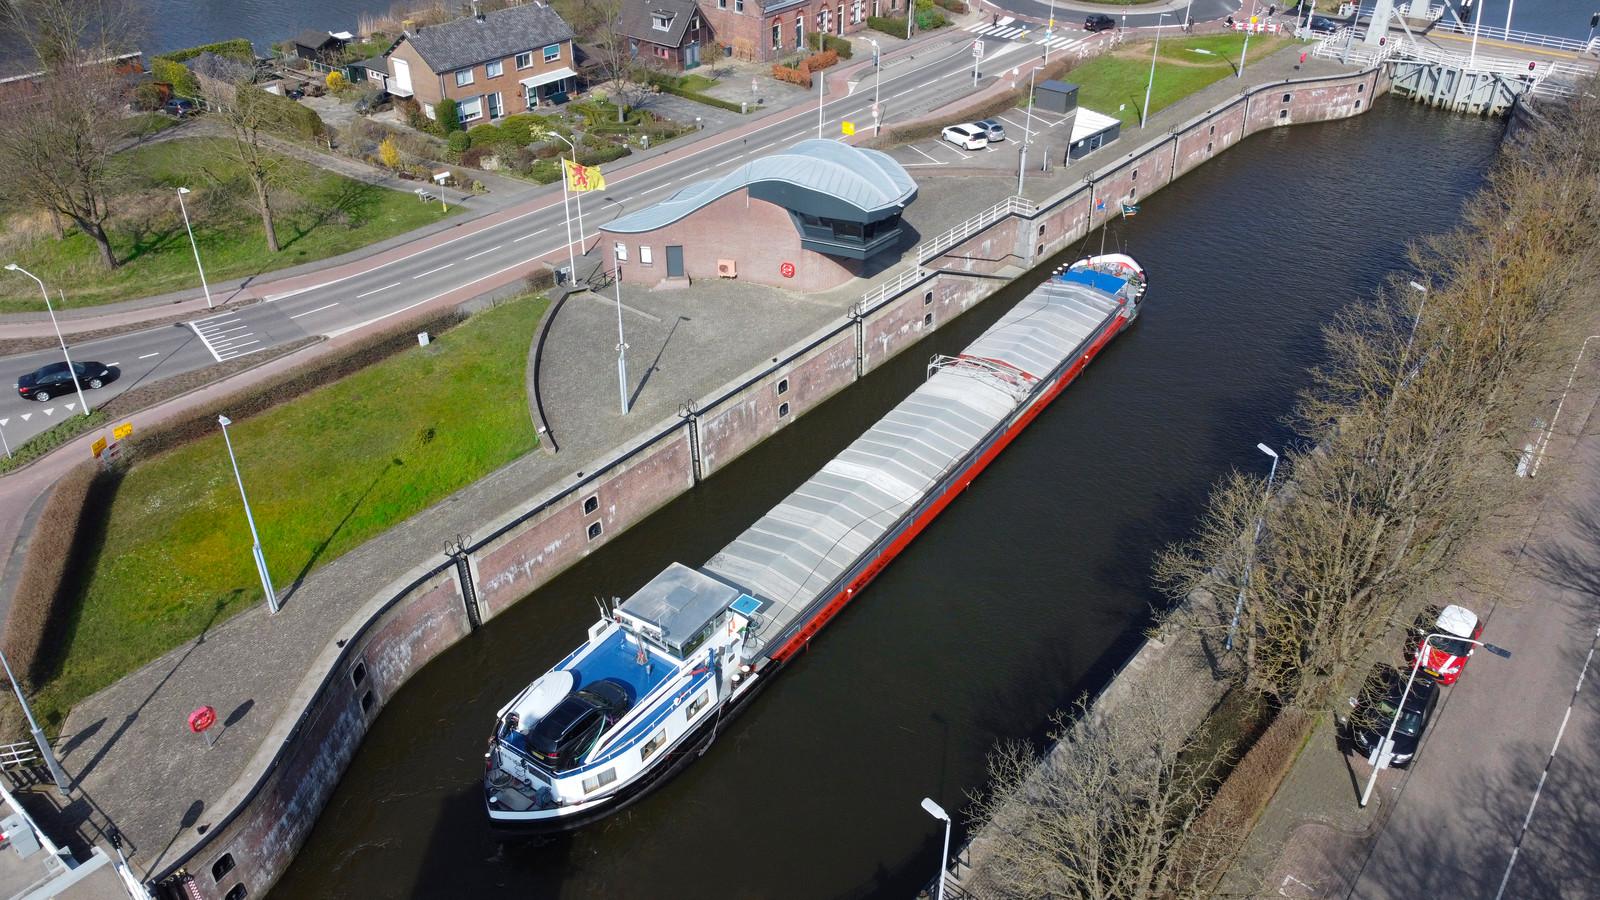 De Grote Merwedesluis bij Gorinchem. Een vrachtschip vaart het Merwedekanaal op.